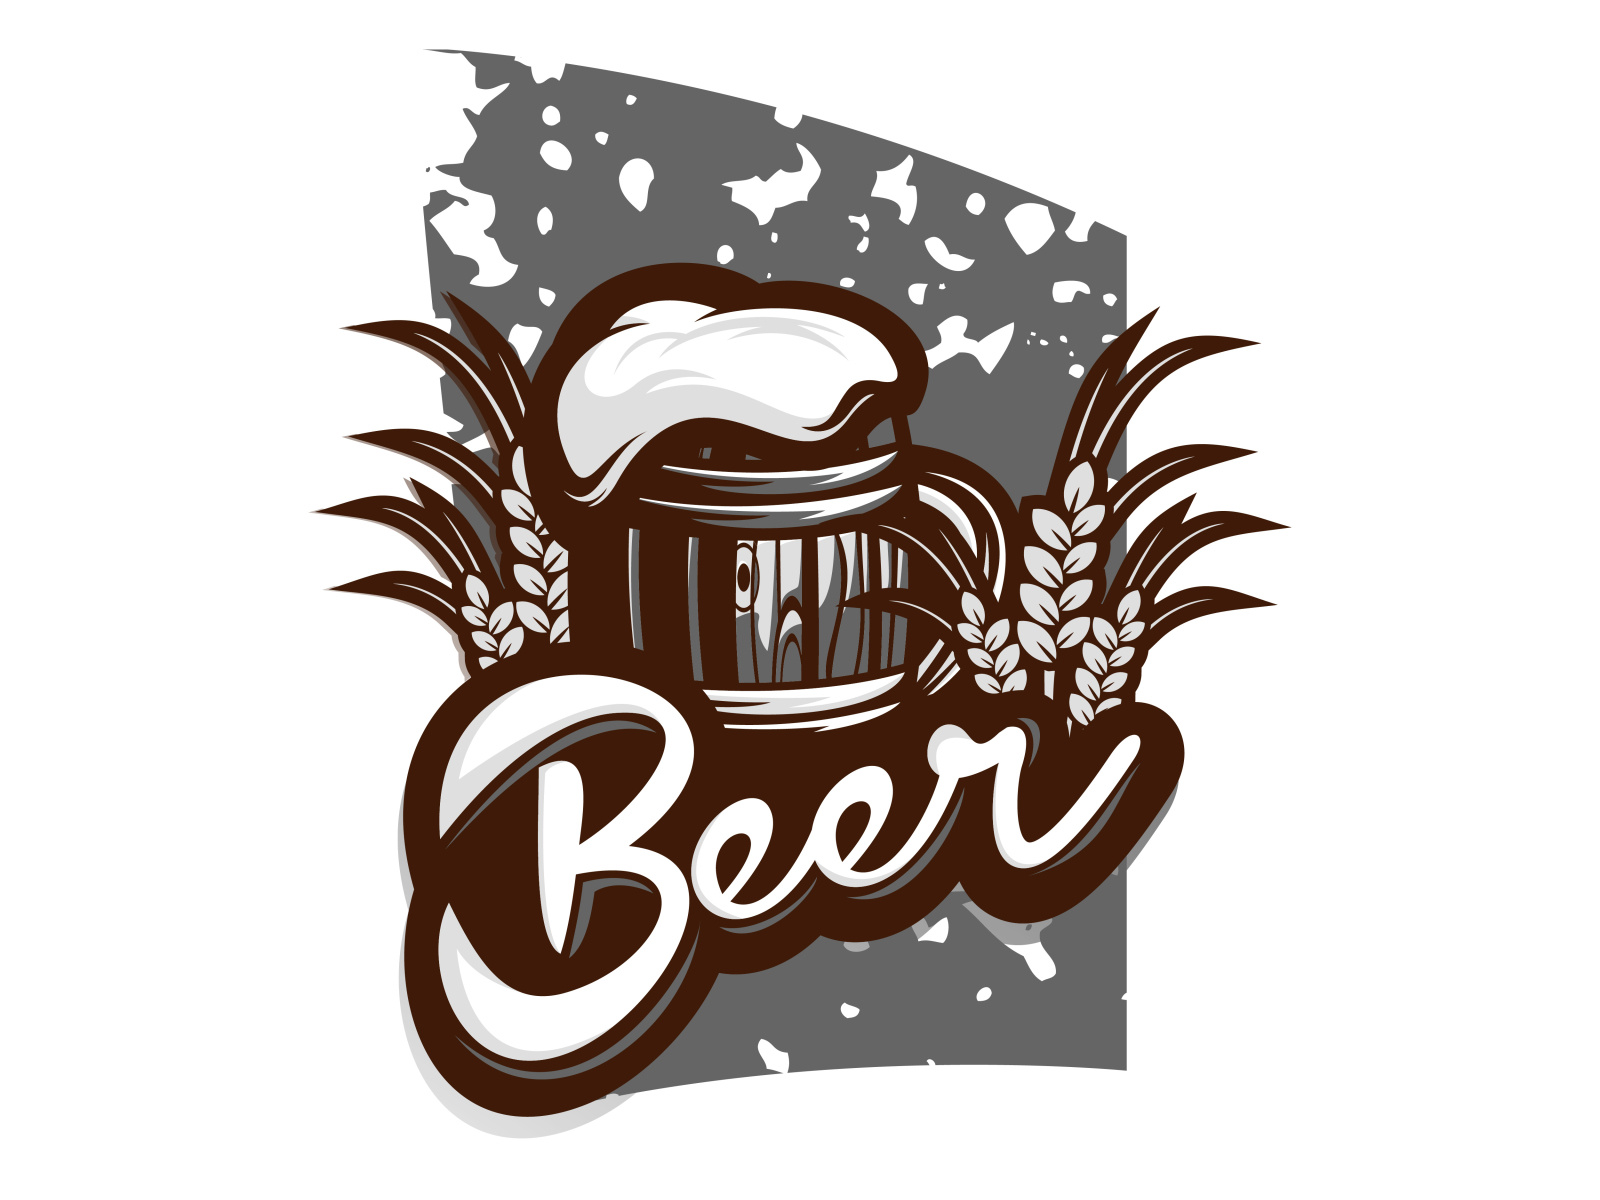 beer logo design illustration by over__designnn on Dribbble.